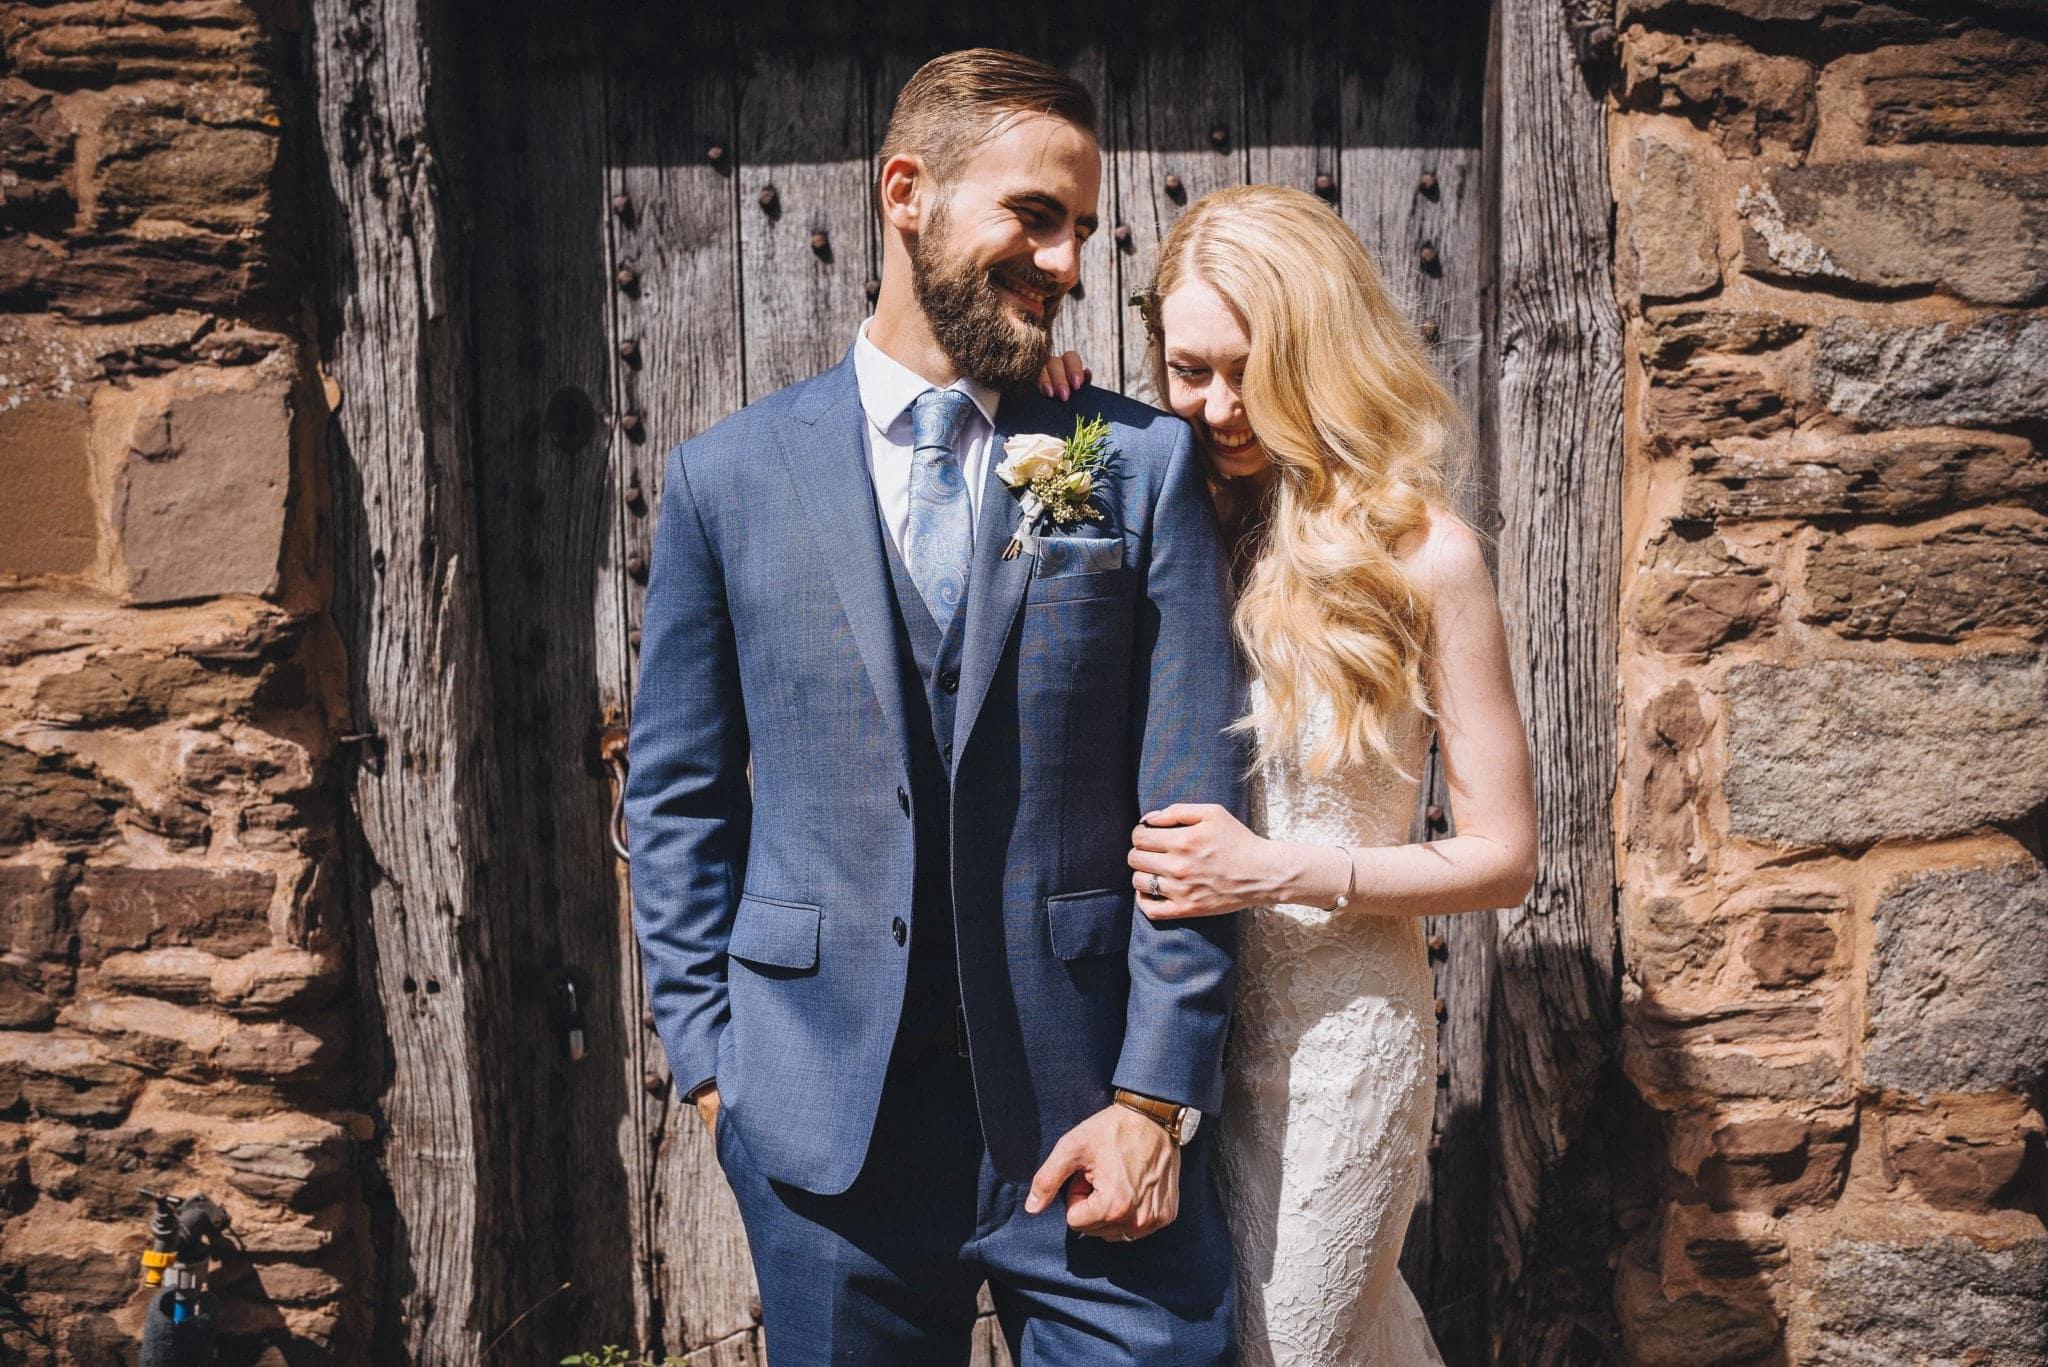 Bride and groom pose in front of wooden door